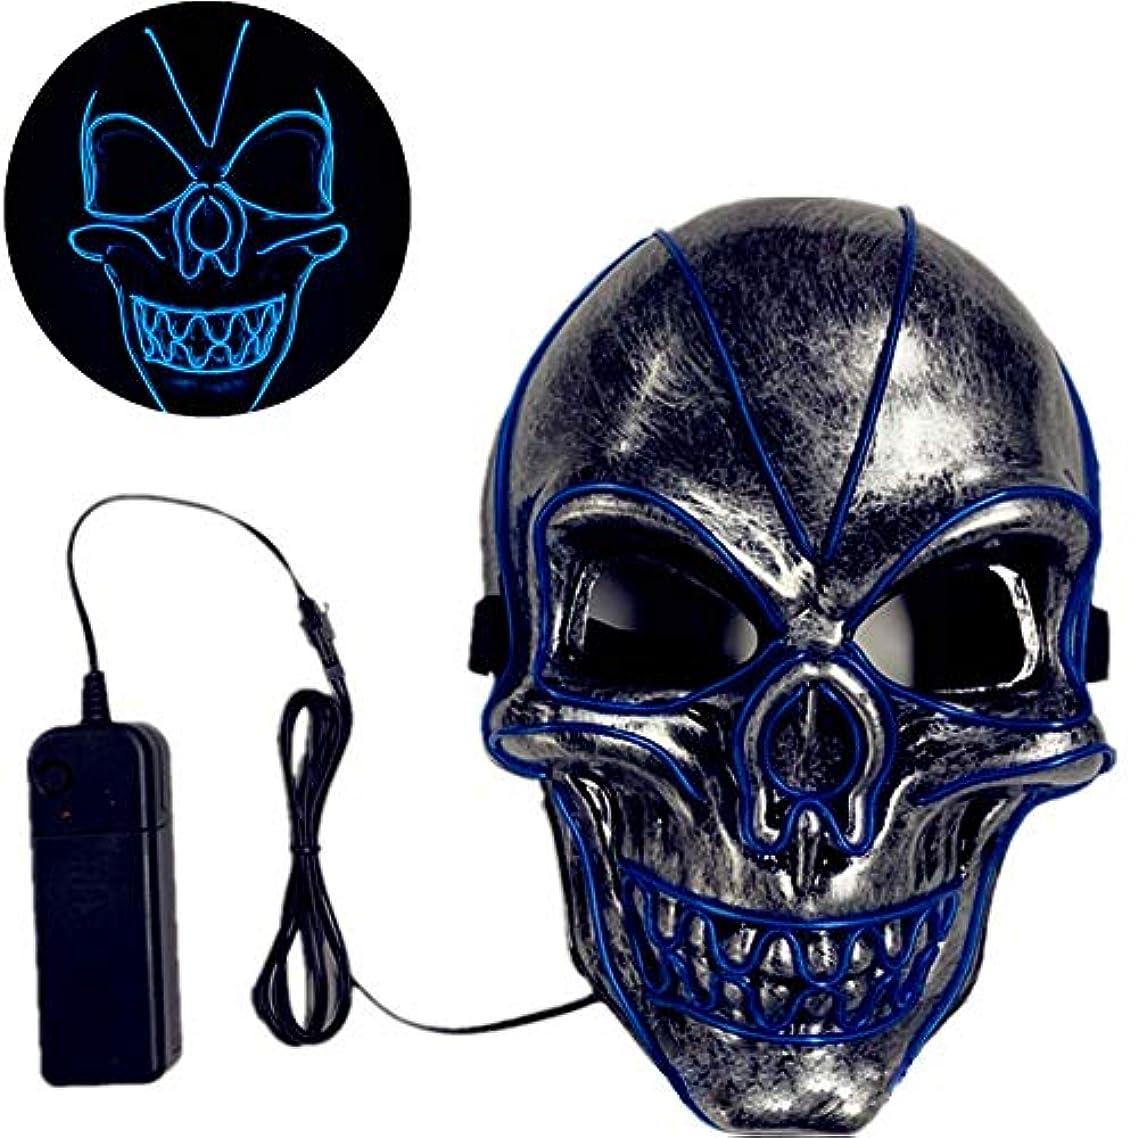 スパークシャイ島テーマパーティー、カーニバル、ハロウィーン、レイブパーティー、仮面舞踏会などに適したハロウィーンマスク、LEDマスク,Blue